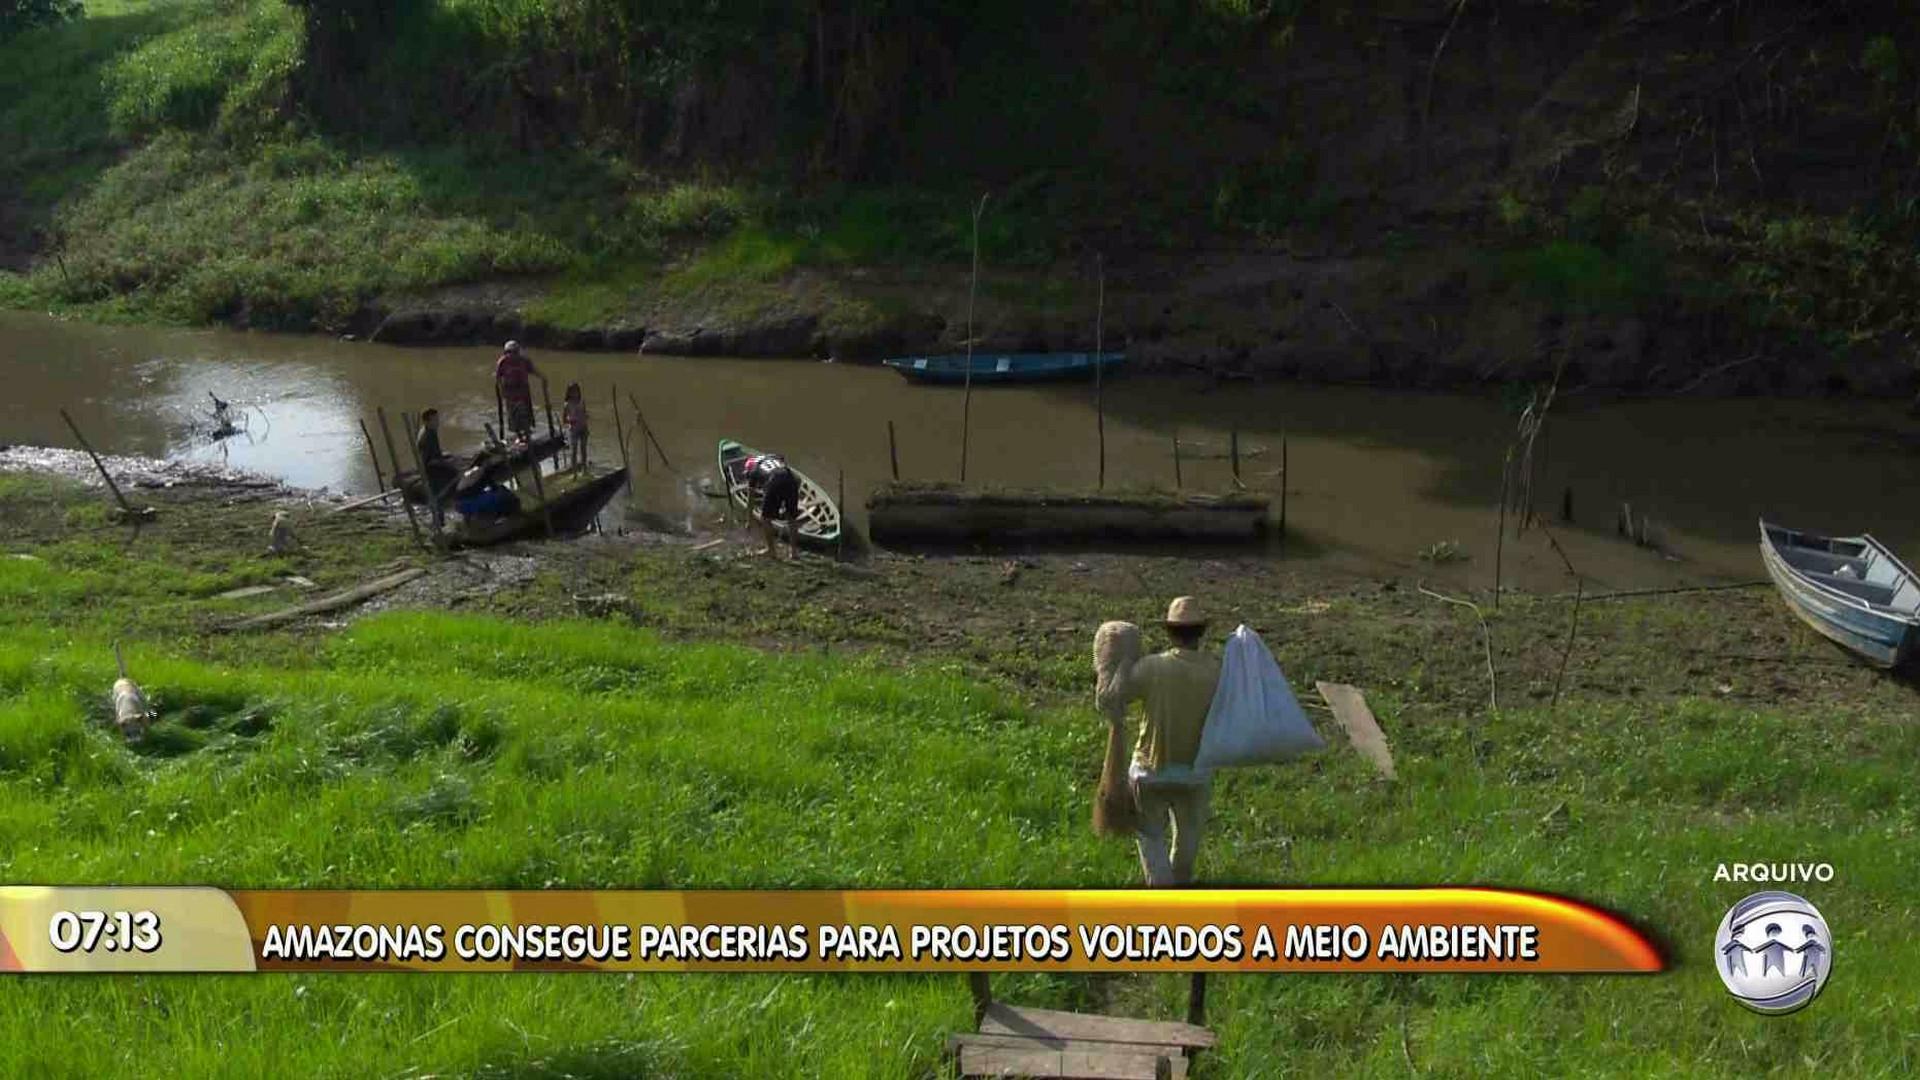 AMAZONAS CONSEGUE PARCERIAS PARA PROJETOS VOLTADOS AO MEIO AMBIENTE - Manhã no Ar 24/11/17 - Manhã no Ar 24/11/2017